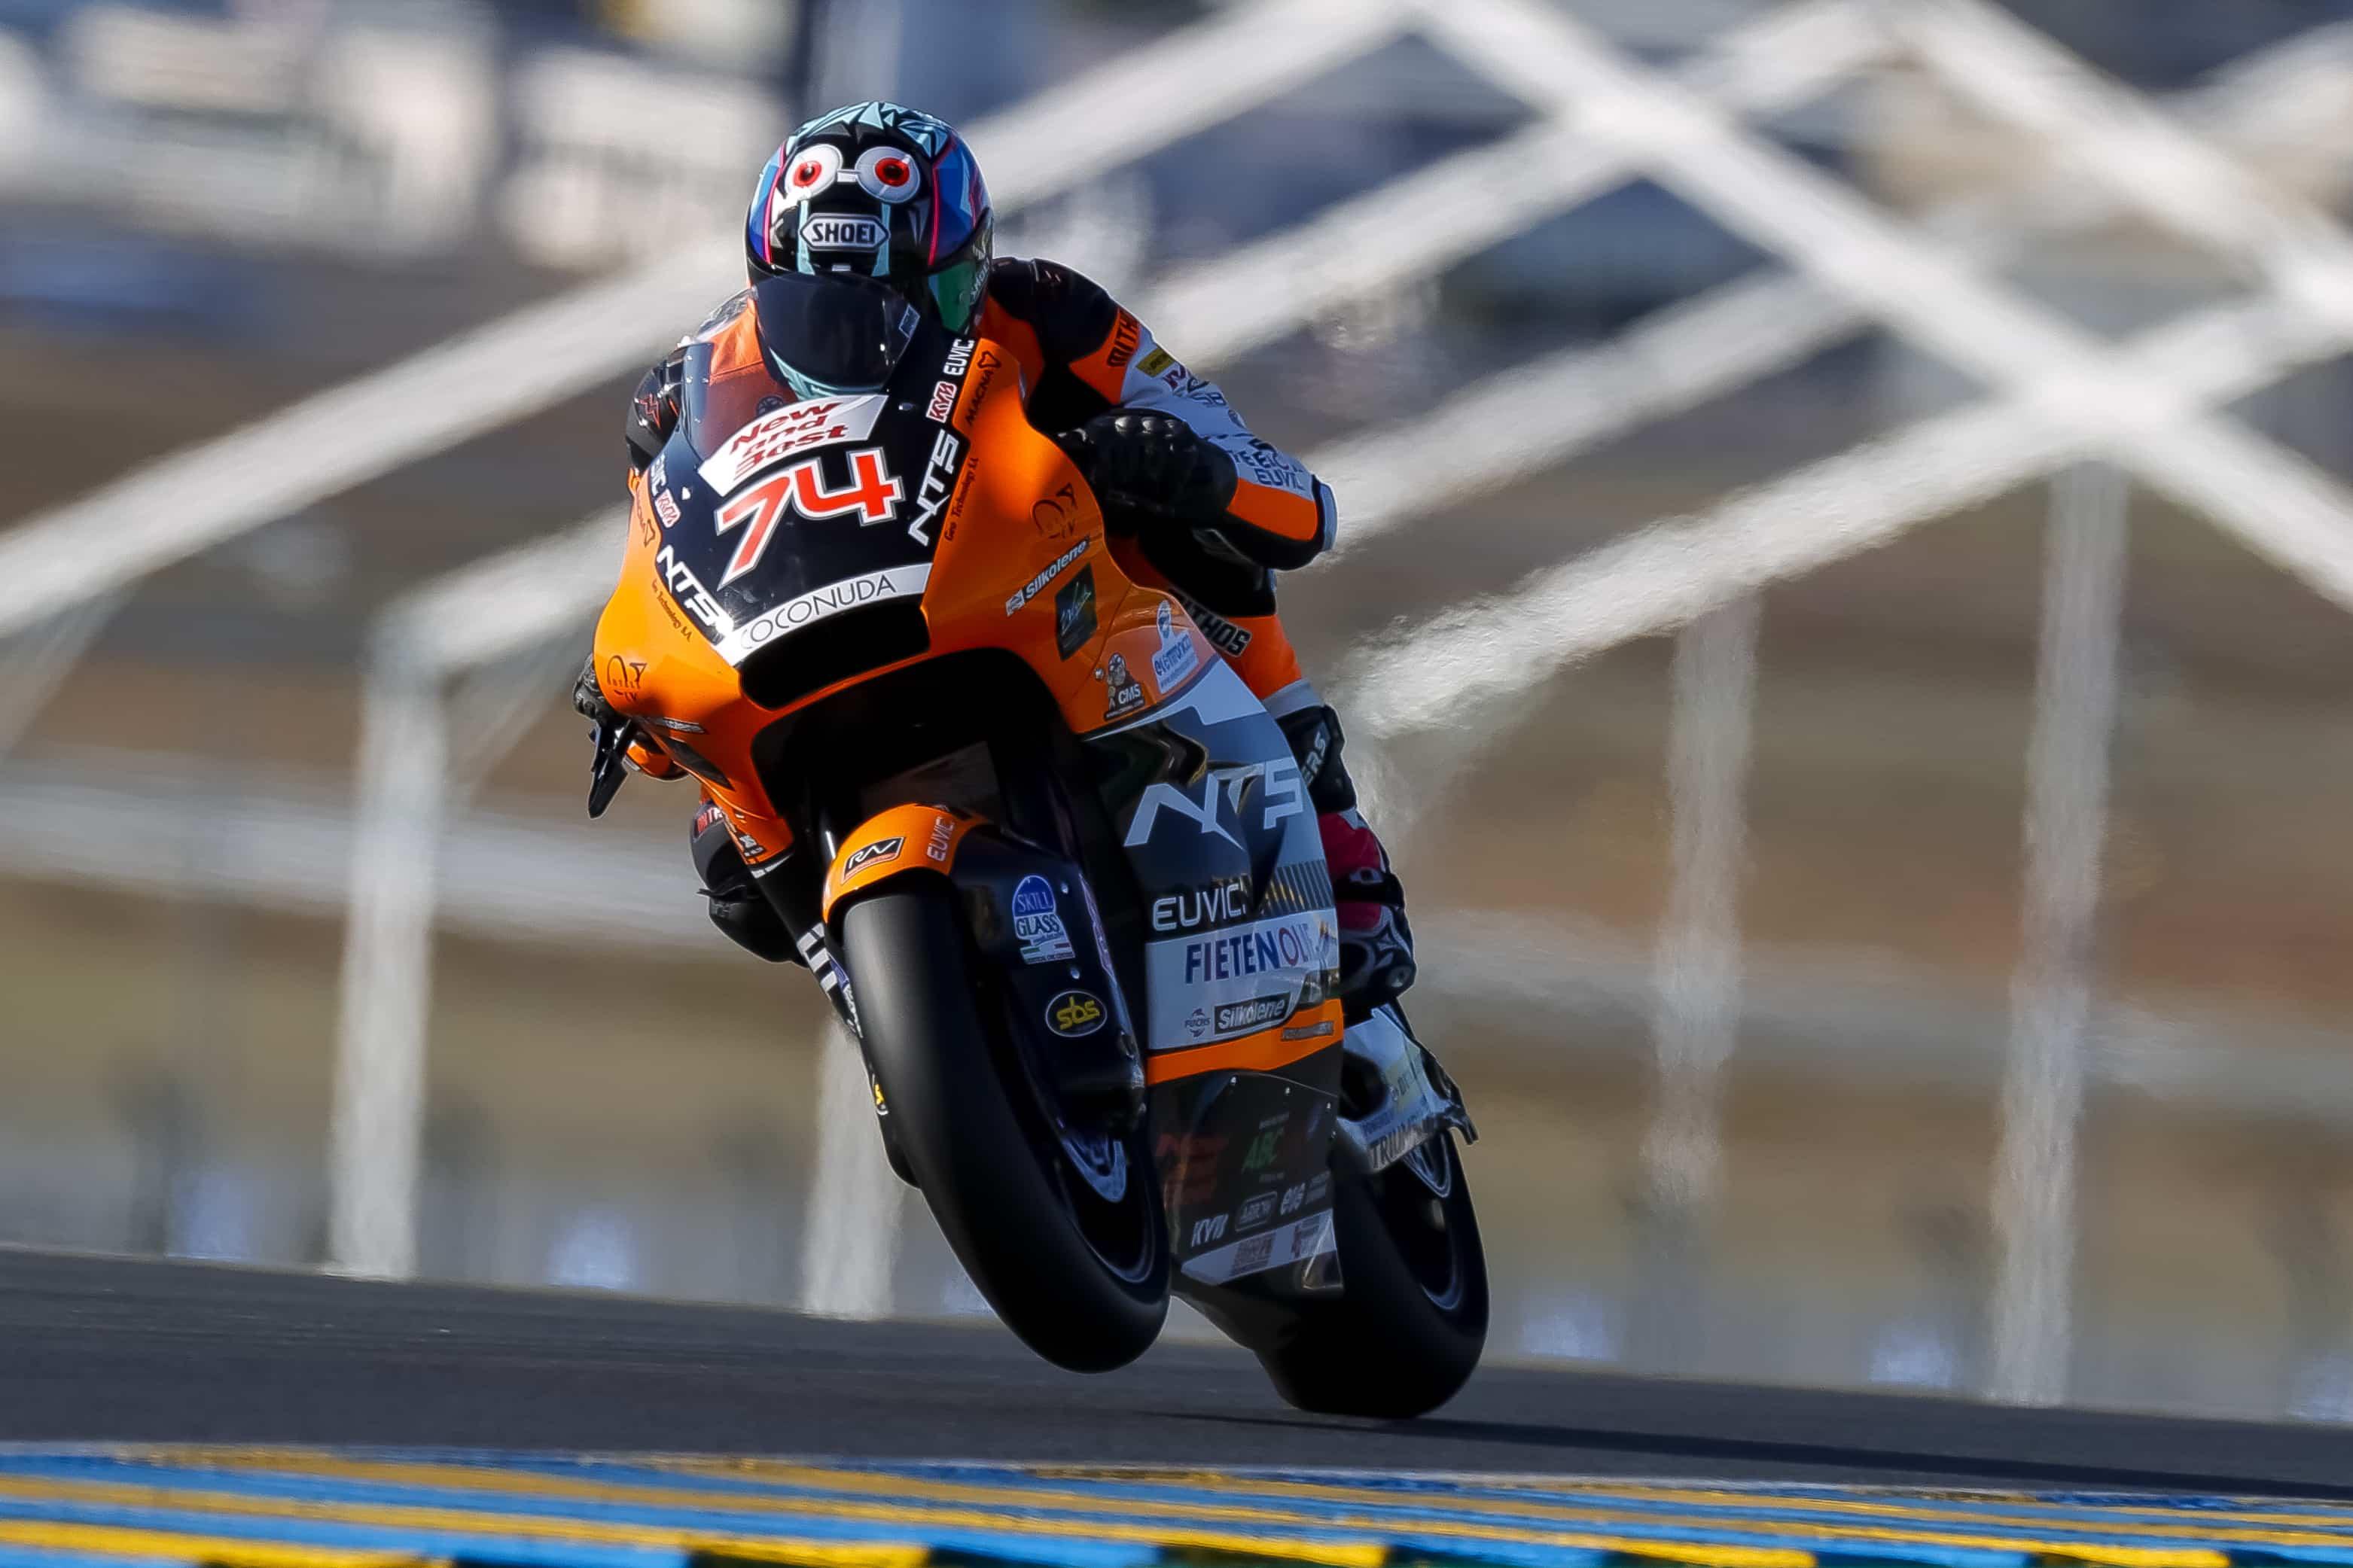 フランスGP NTS RW Racing GP 公式練習1、公式練習2レポート